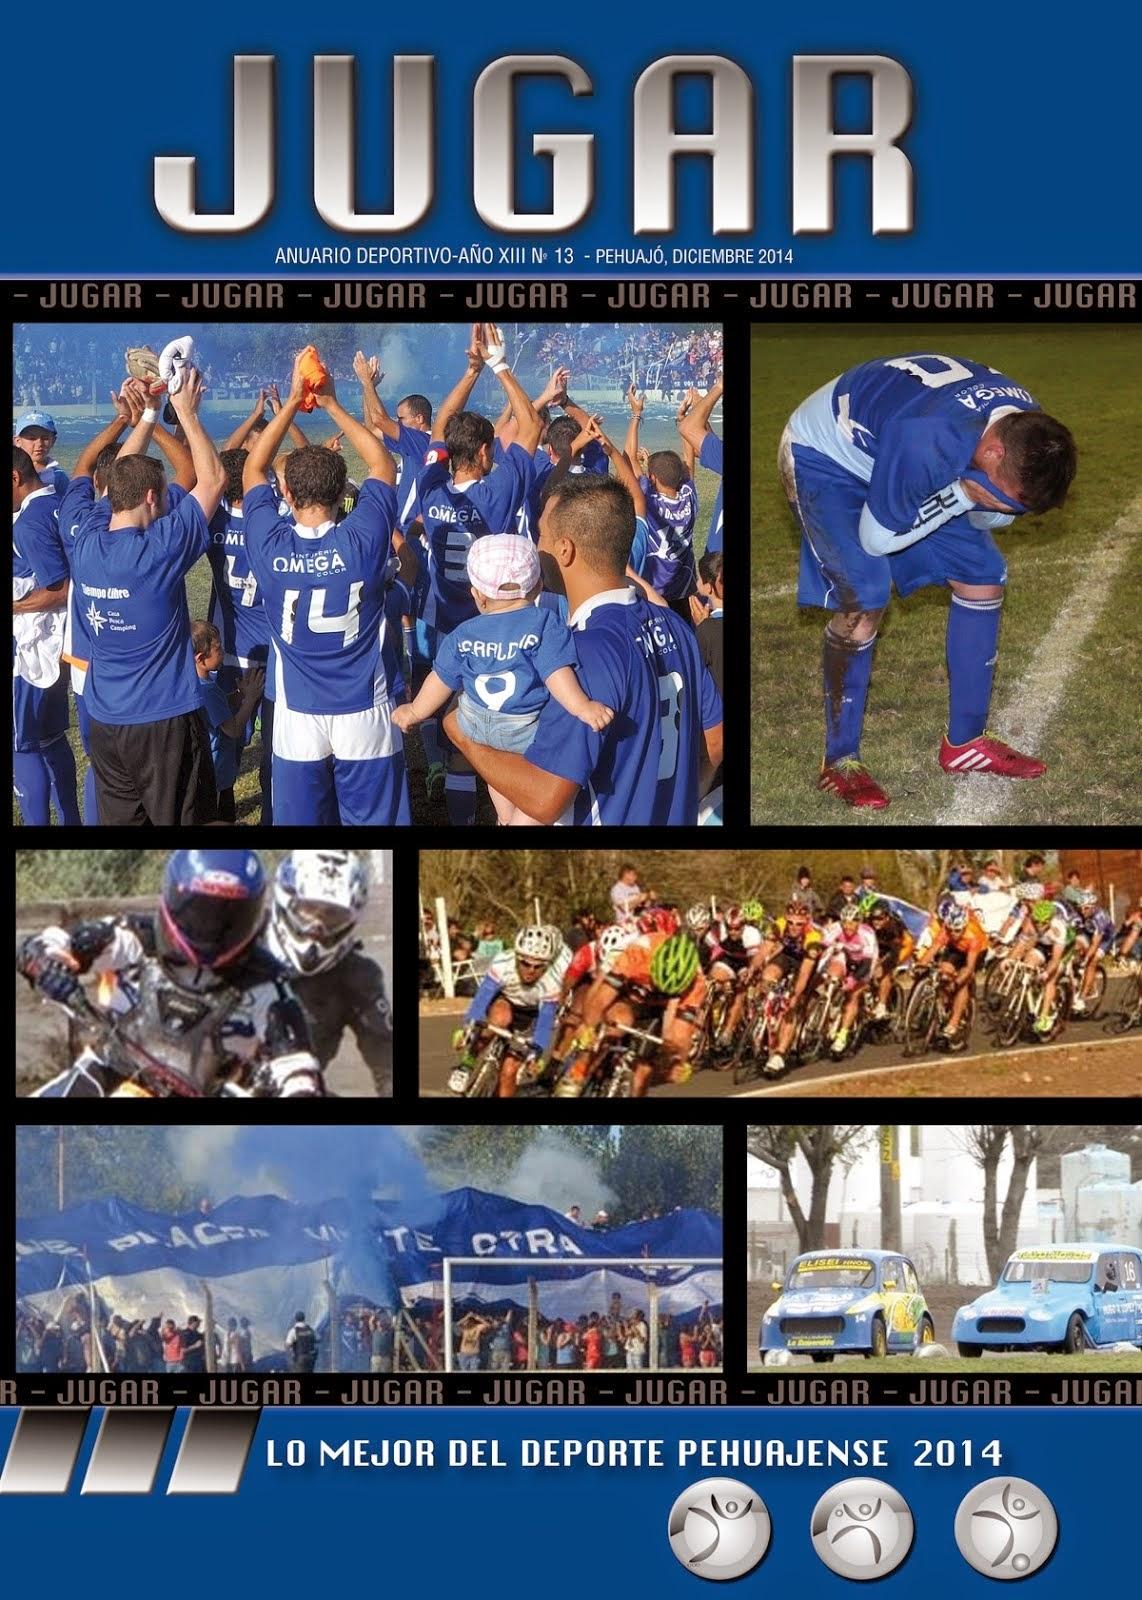 El resumen deportivo más importante del 2014 esta en la calle